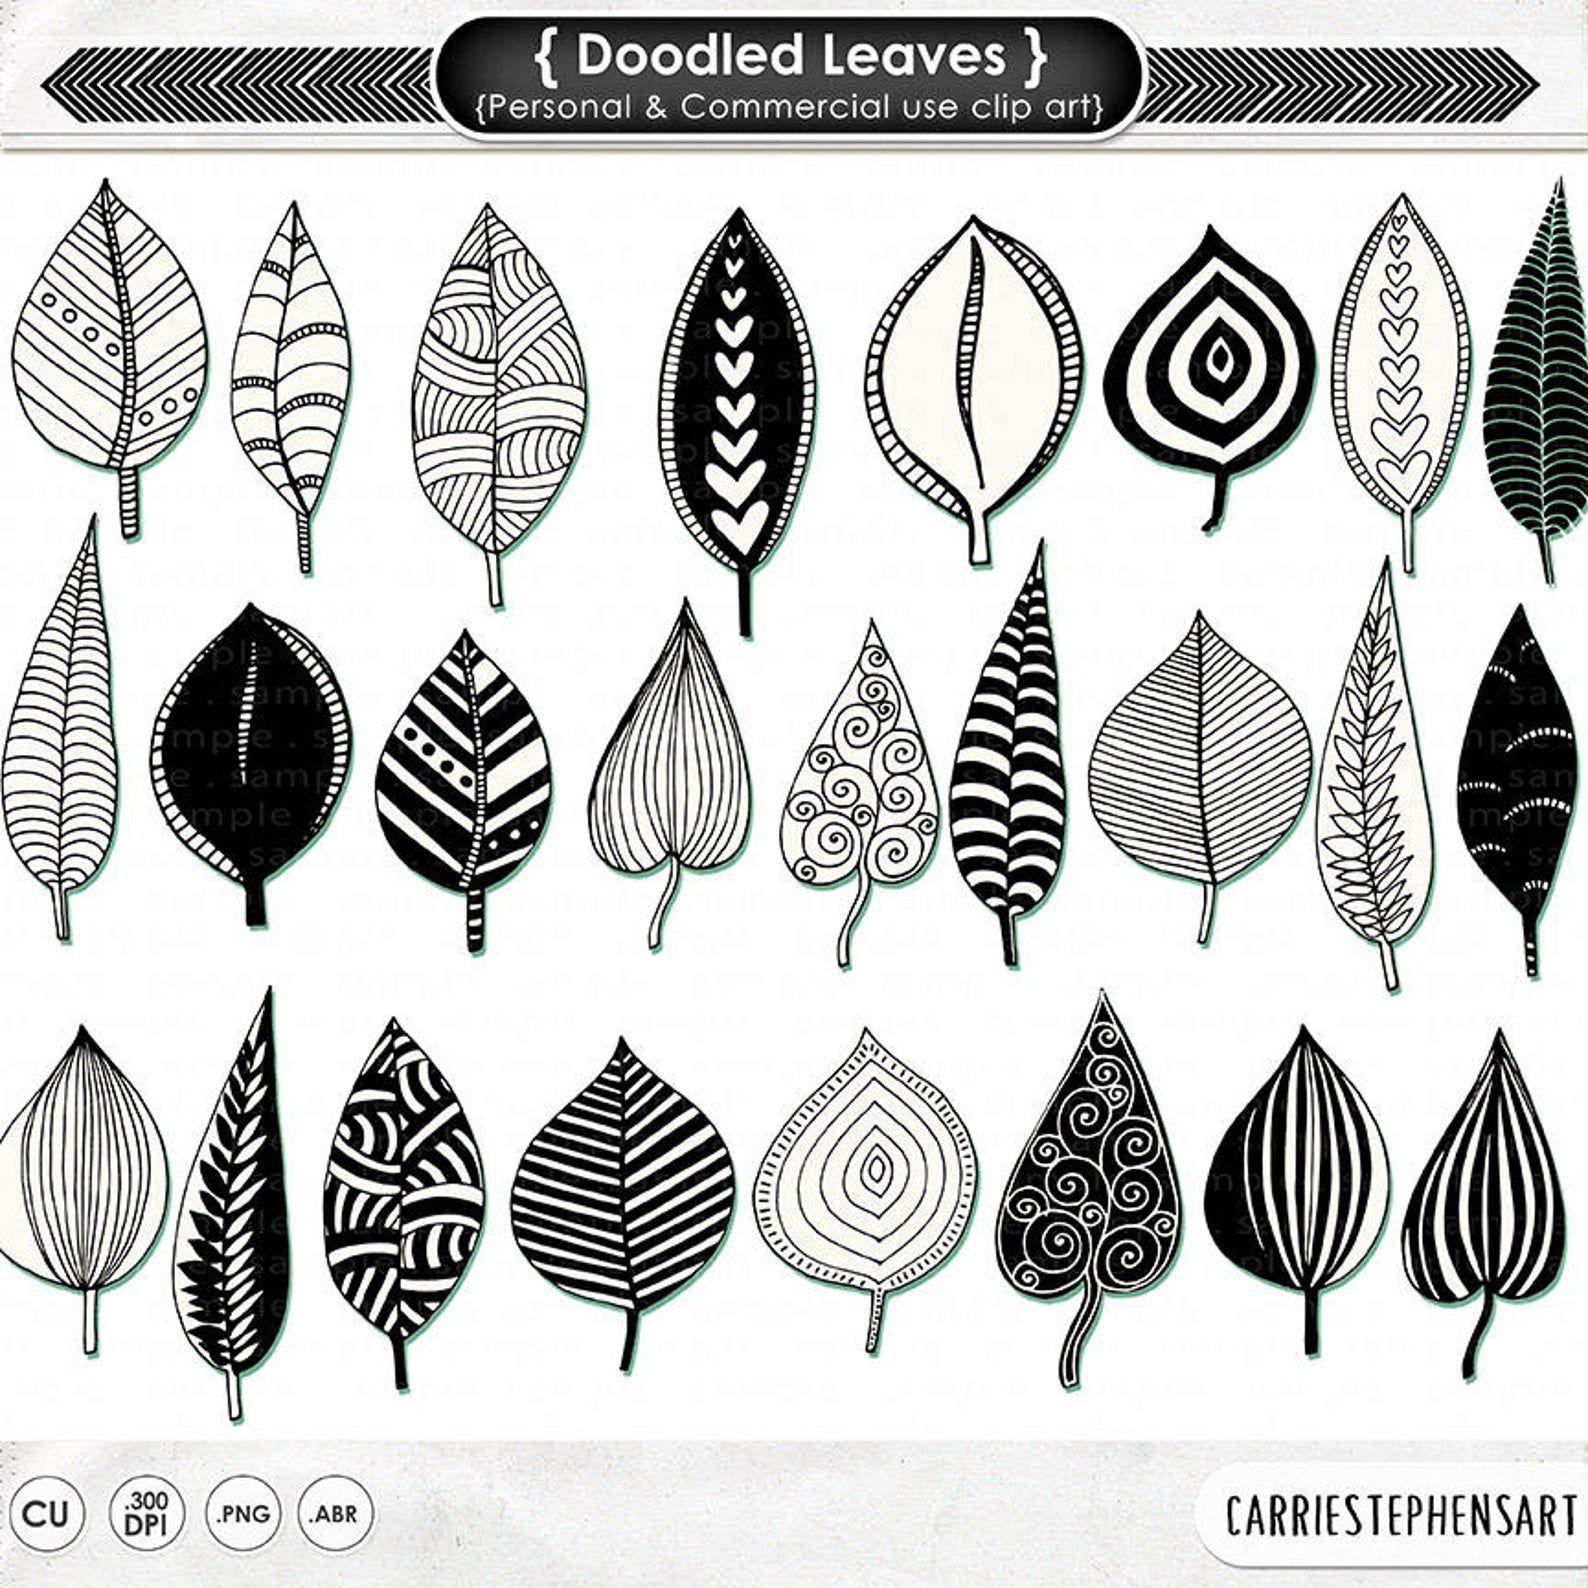 Doodled Leaves Clip Art Png Leaf Digital Stamp Printable Photoshop Brush Cardmaking Clipart Natural Zen Design Nature Foliage Pattern Art Clip Art Hand Doodles